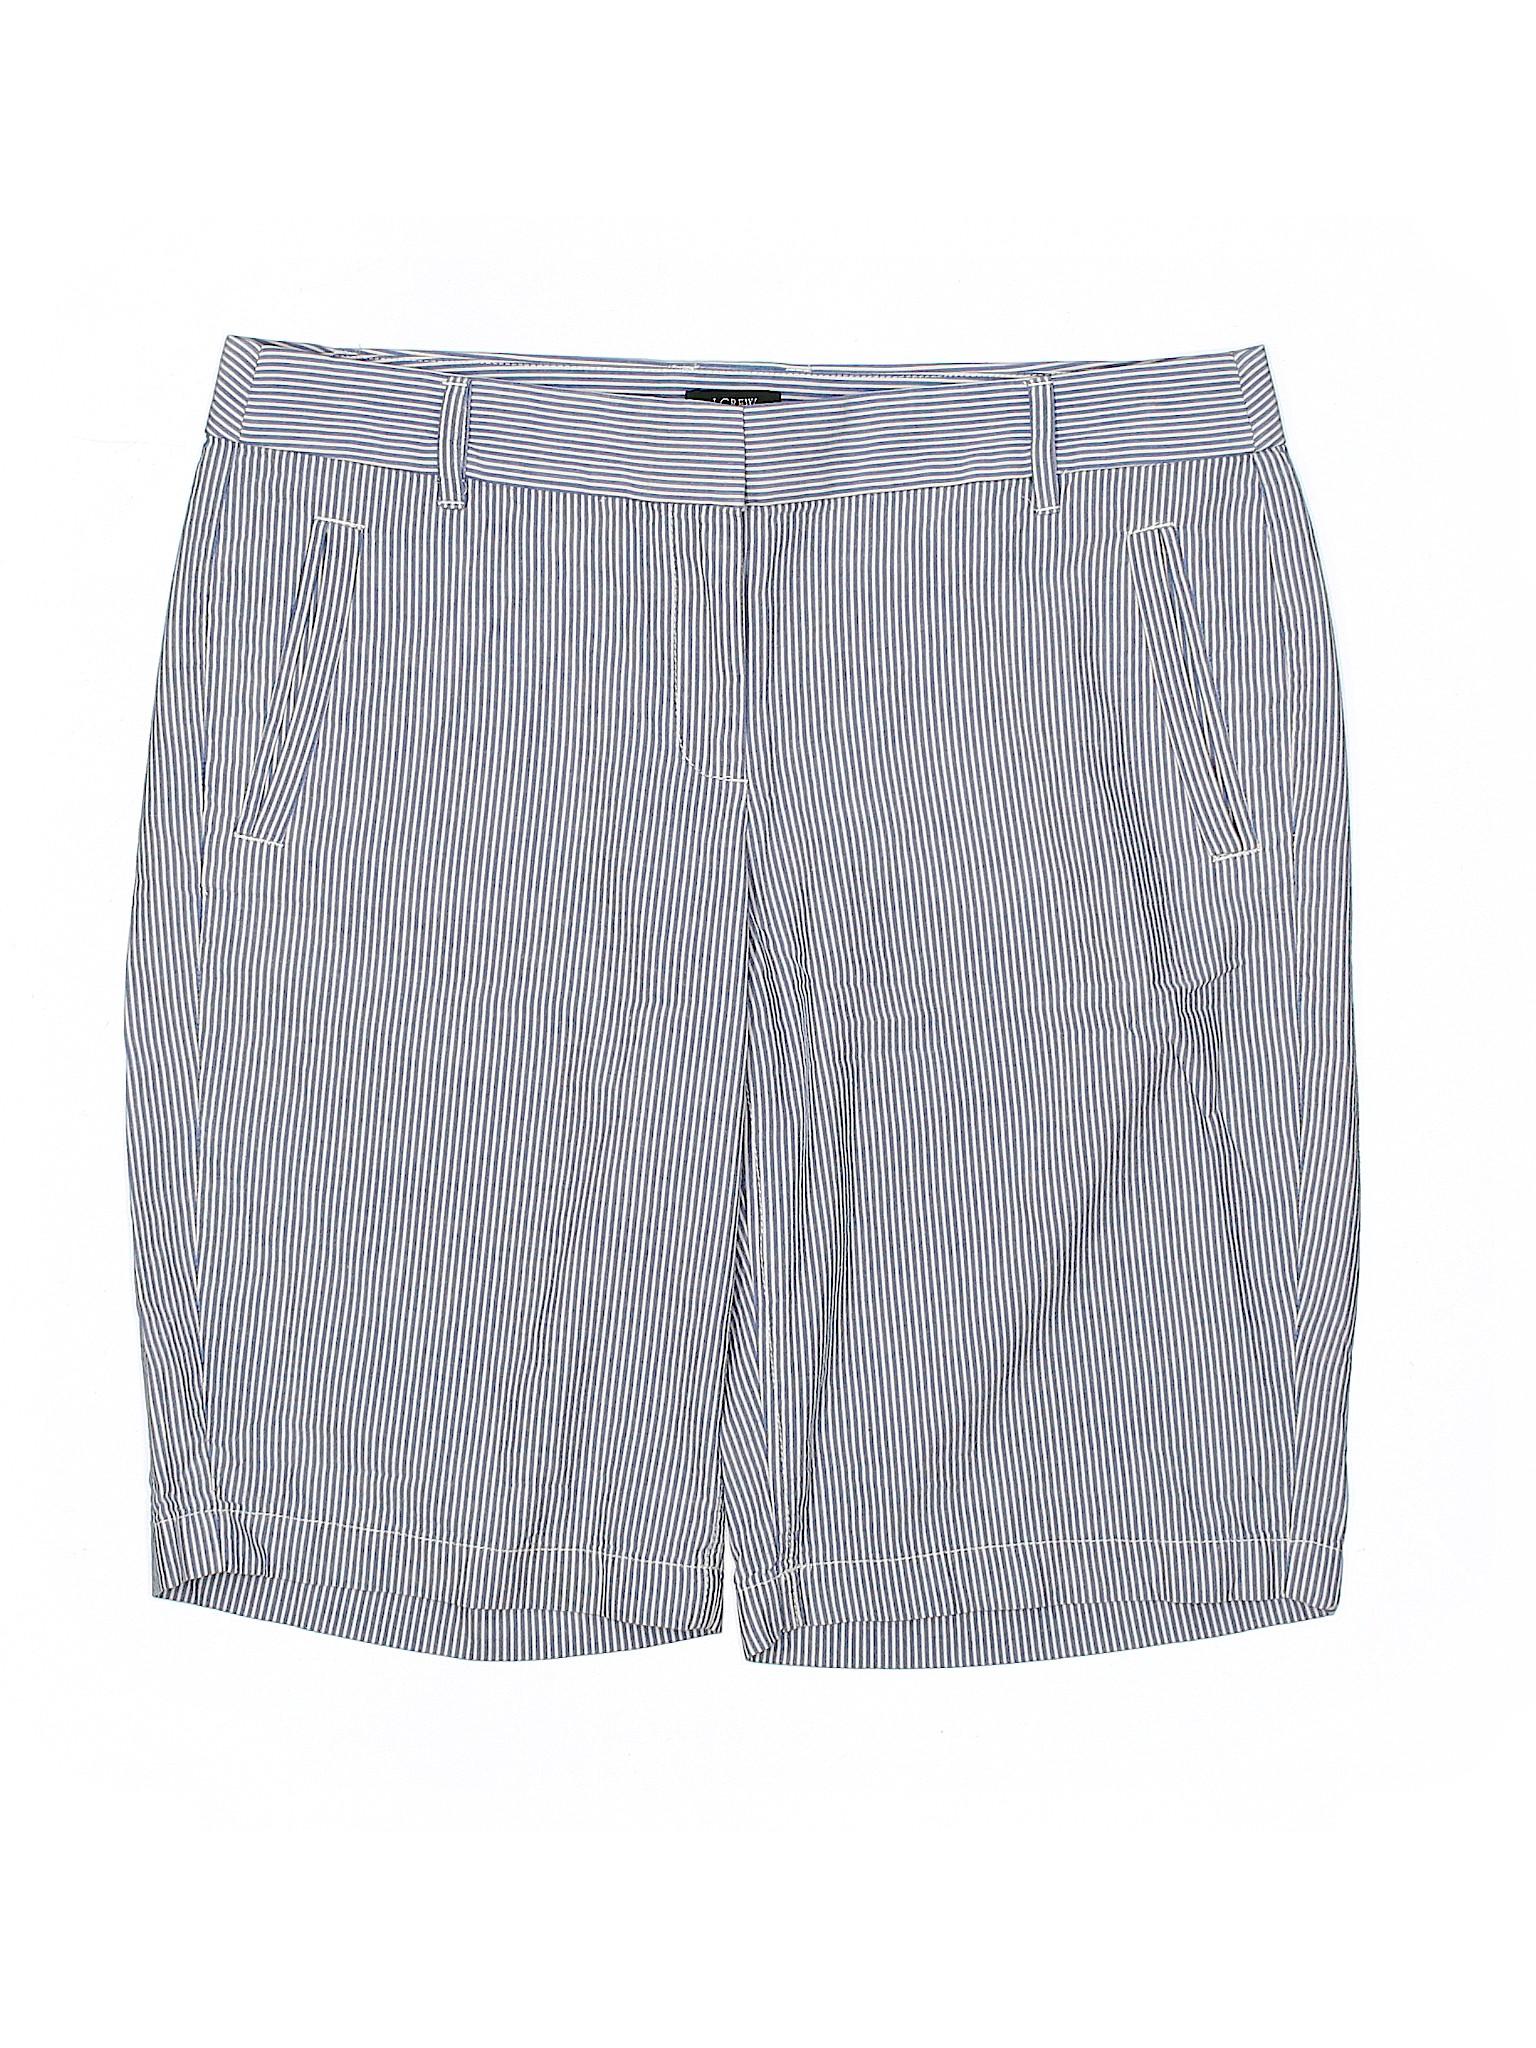 Boutique Boutique Crew J J Shorts 5zFq7w